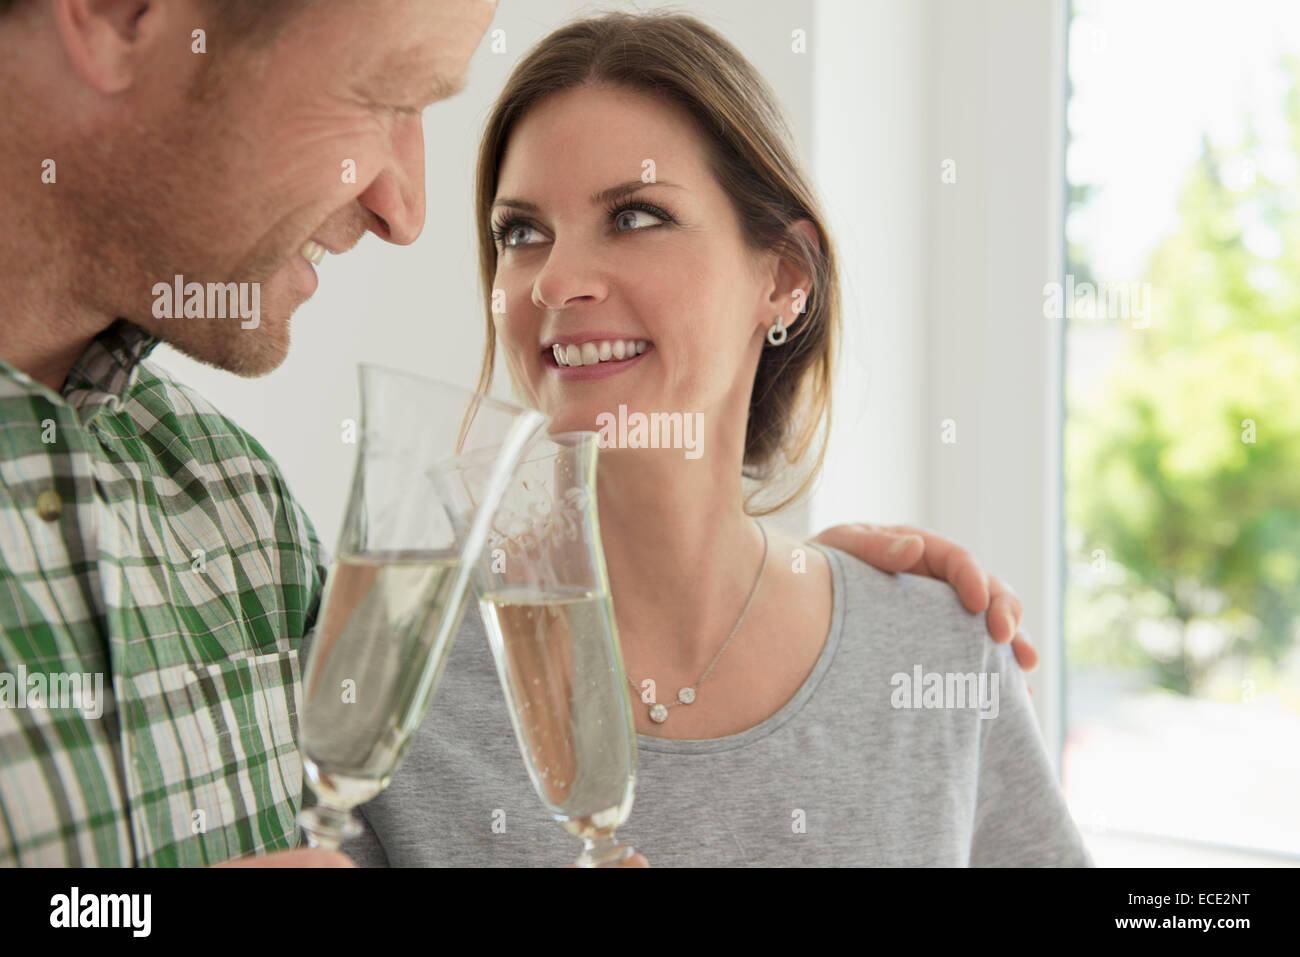 Couple celebrating drinking toasting new home - Stock Image